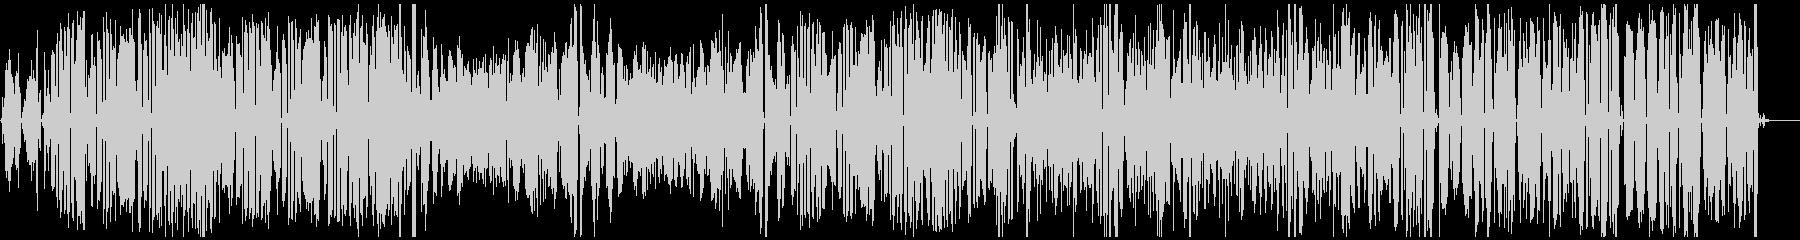 昔の映像にレトロ蓄音機風ジョップリンの未再生の波形